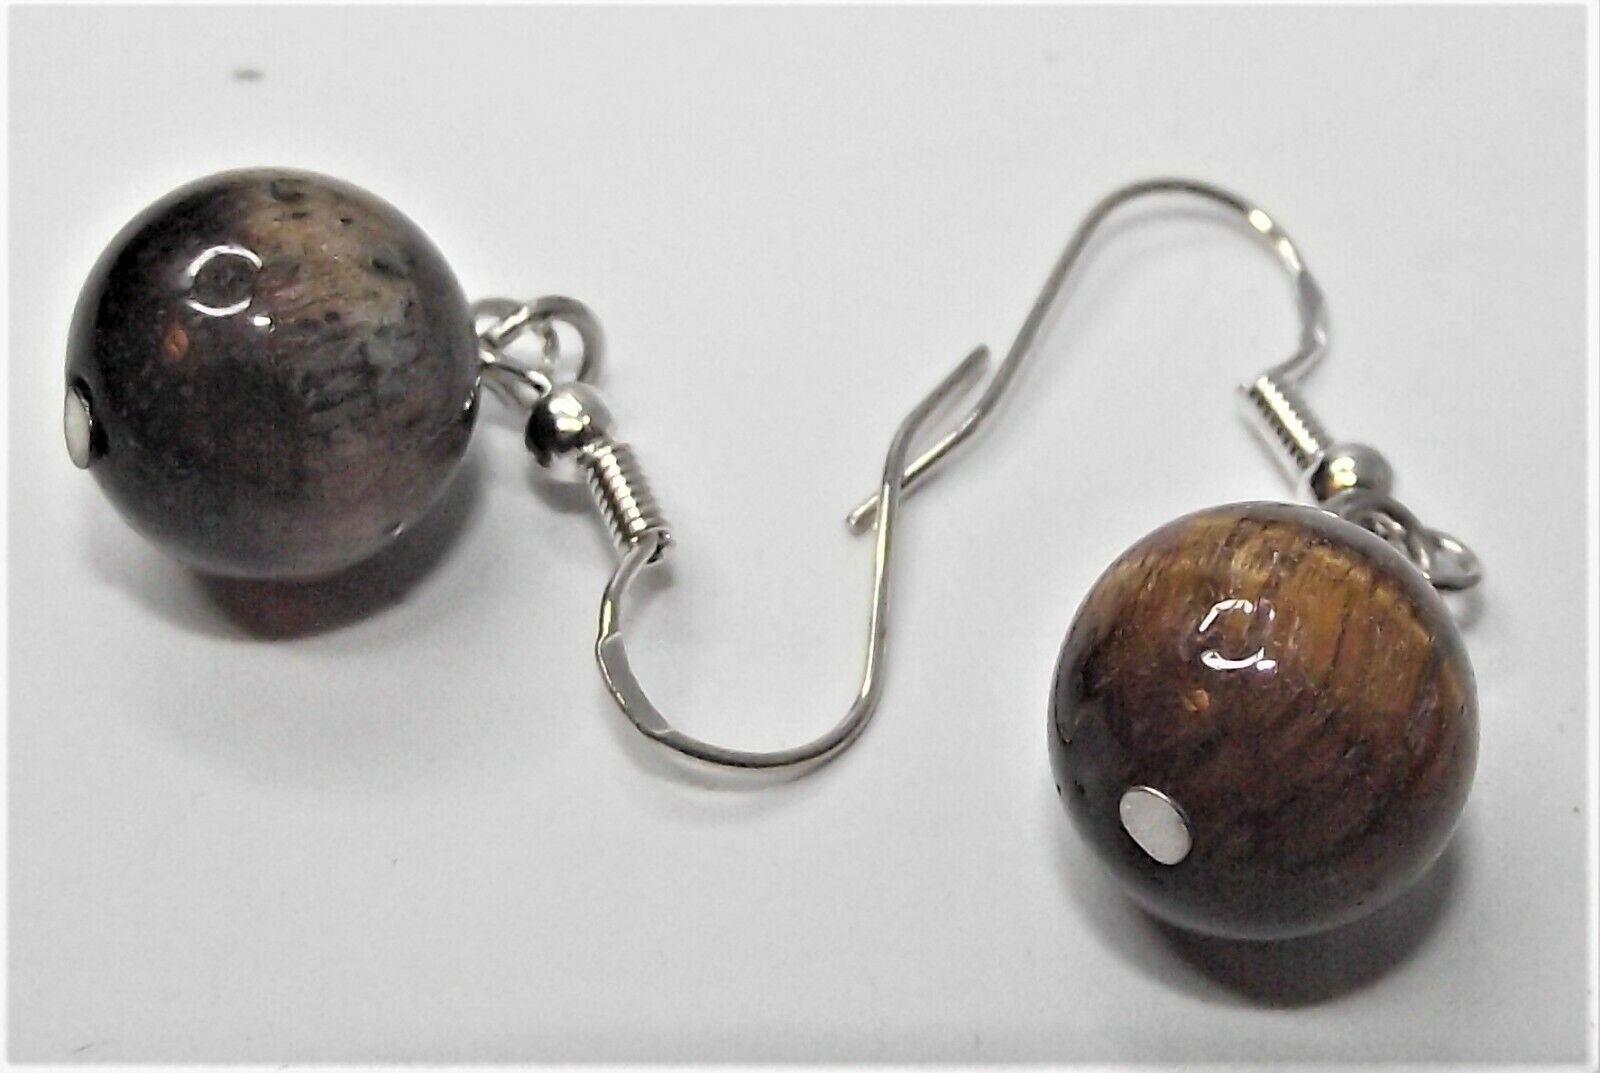 Pretty Tigers Eye Set Necklace Bracelet Silver Tone Lobster Claw Hook Earrings - $20.00